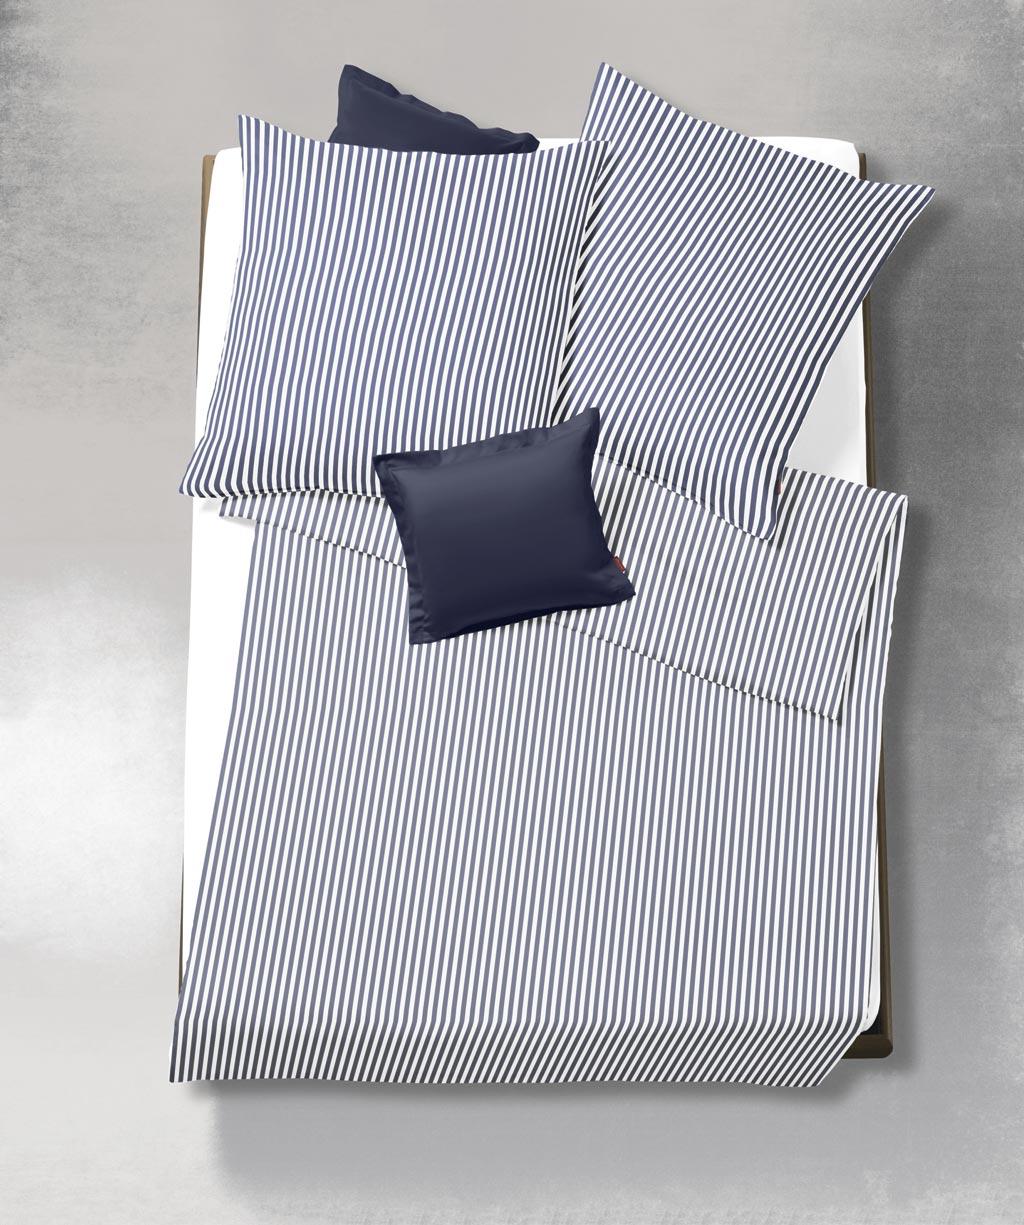 Blau Weiß Gestreifte Seersucker Bettwäsche Bügelfrei 155x220 Von